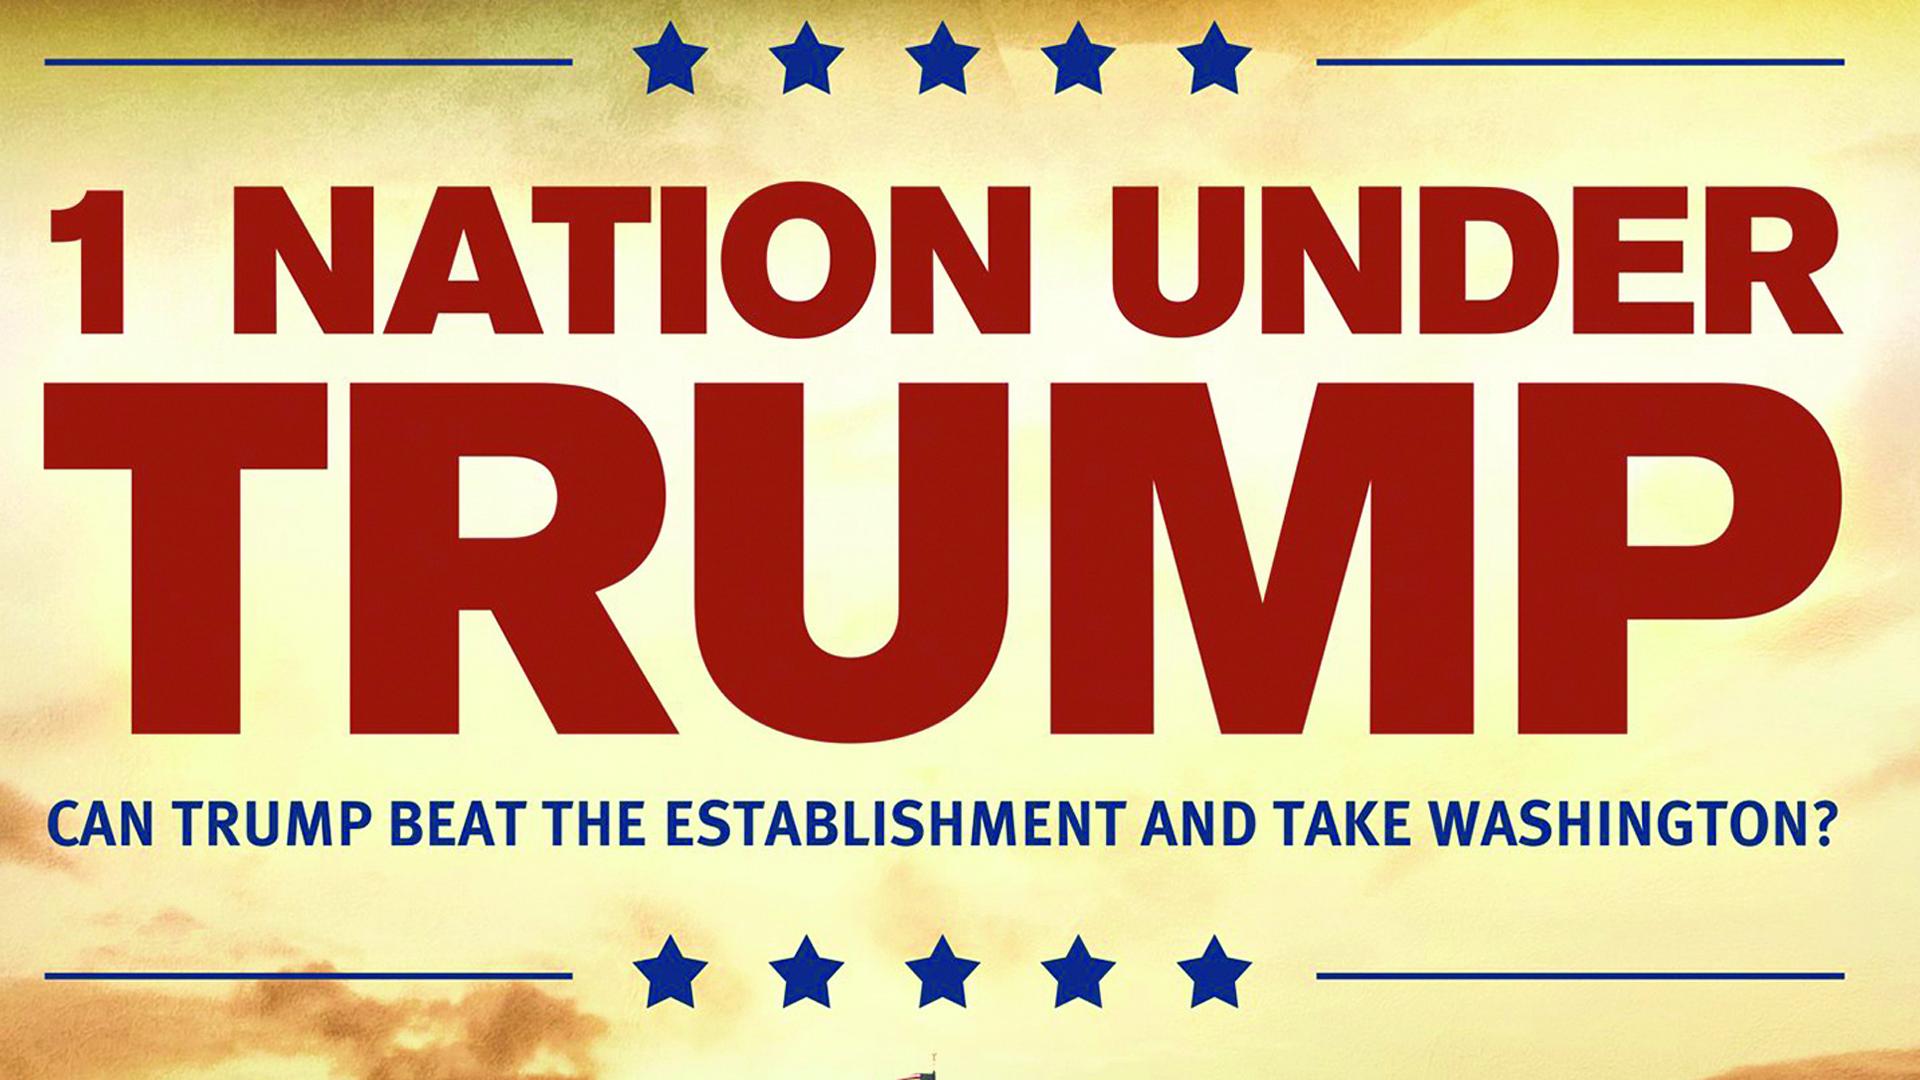 1 Nation Under Trump